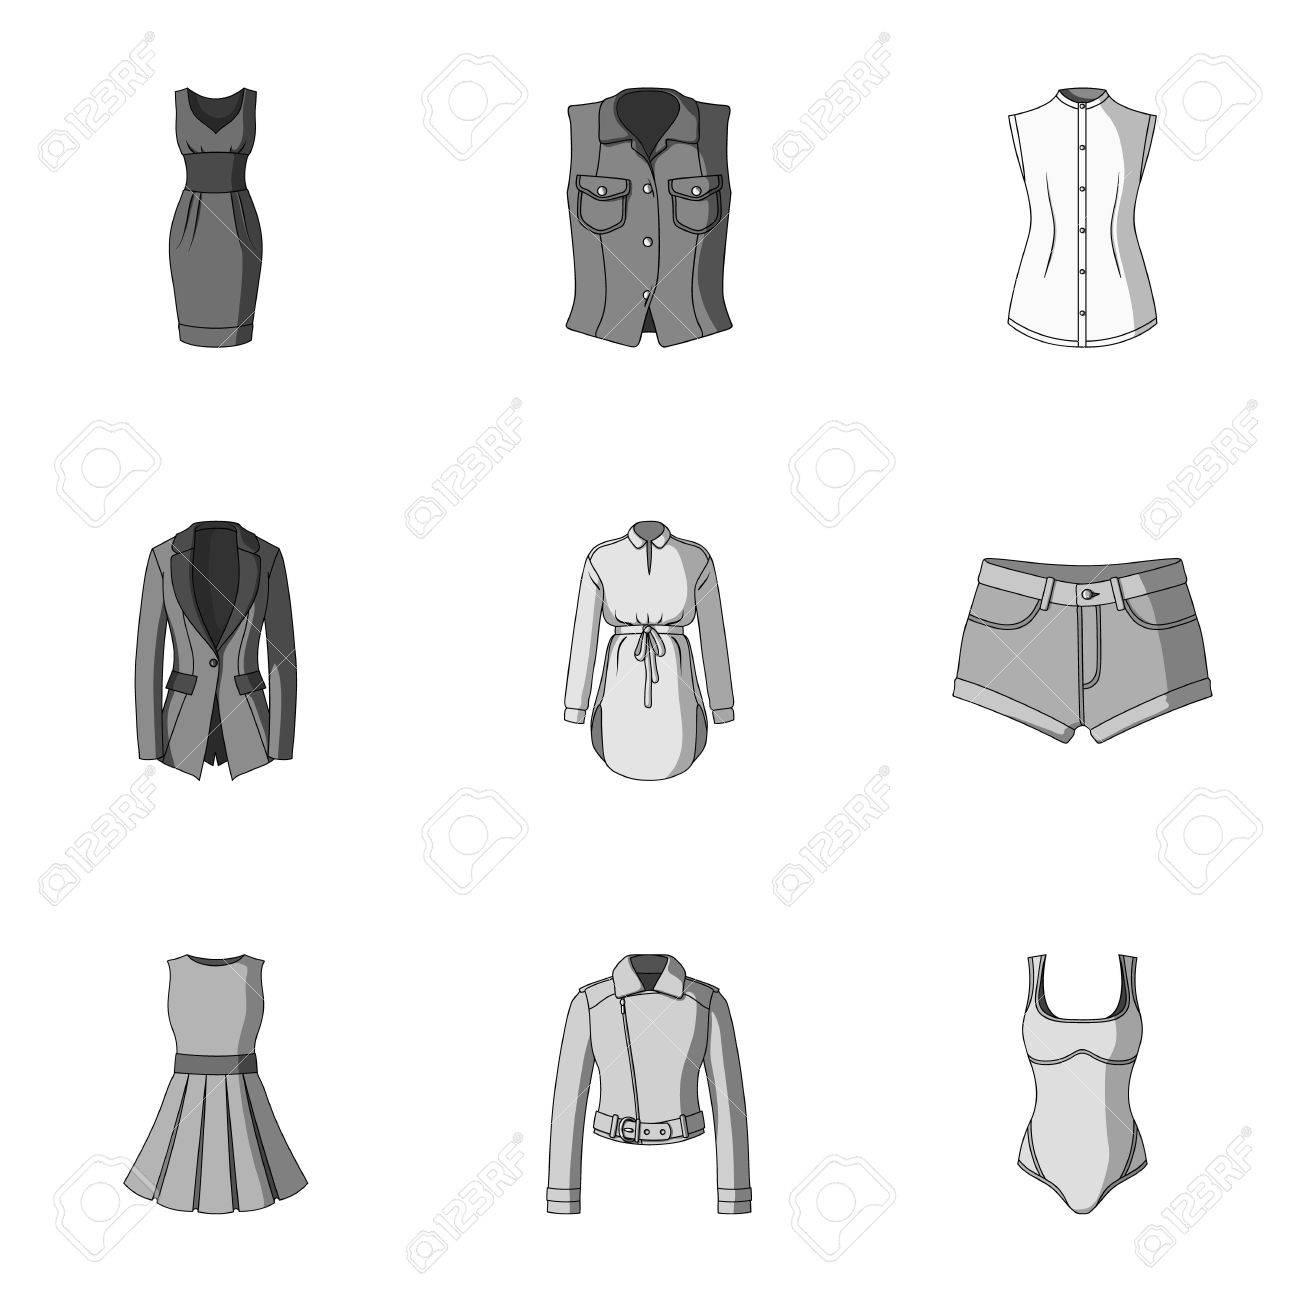 e9d8efdca0238 Colección De Iconos De Ropa Para Mujer. Varias Prendas De Vestir Para  Mujeres Para El Trabajo